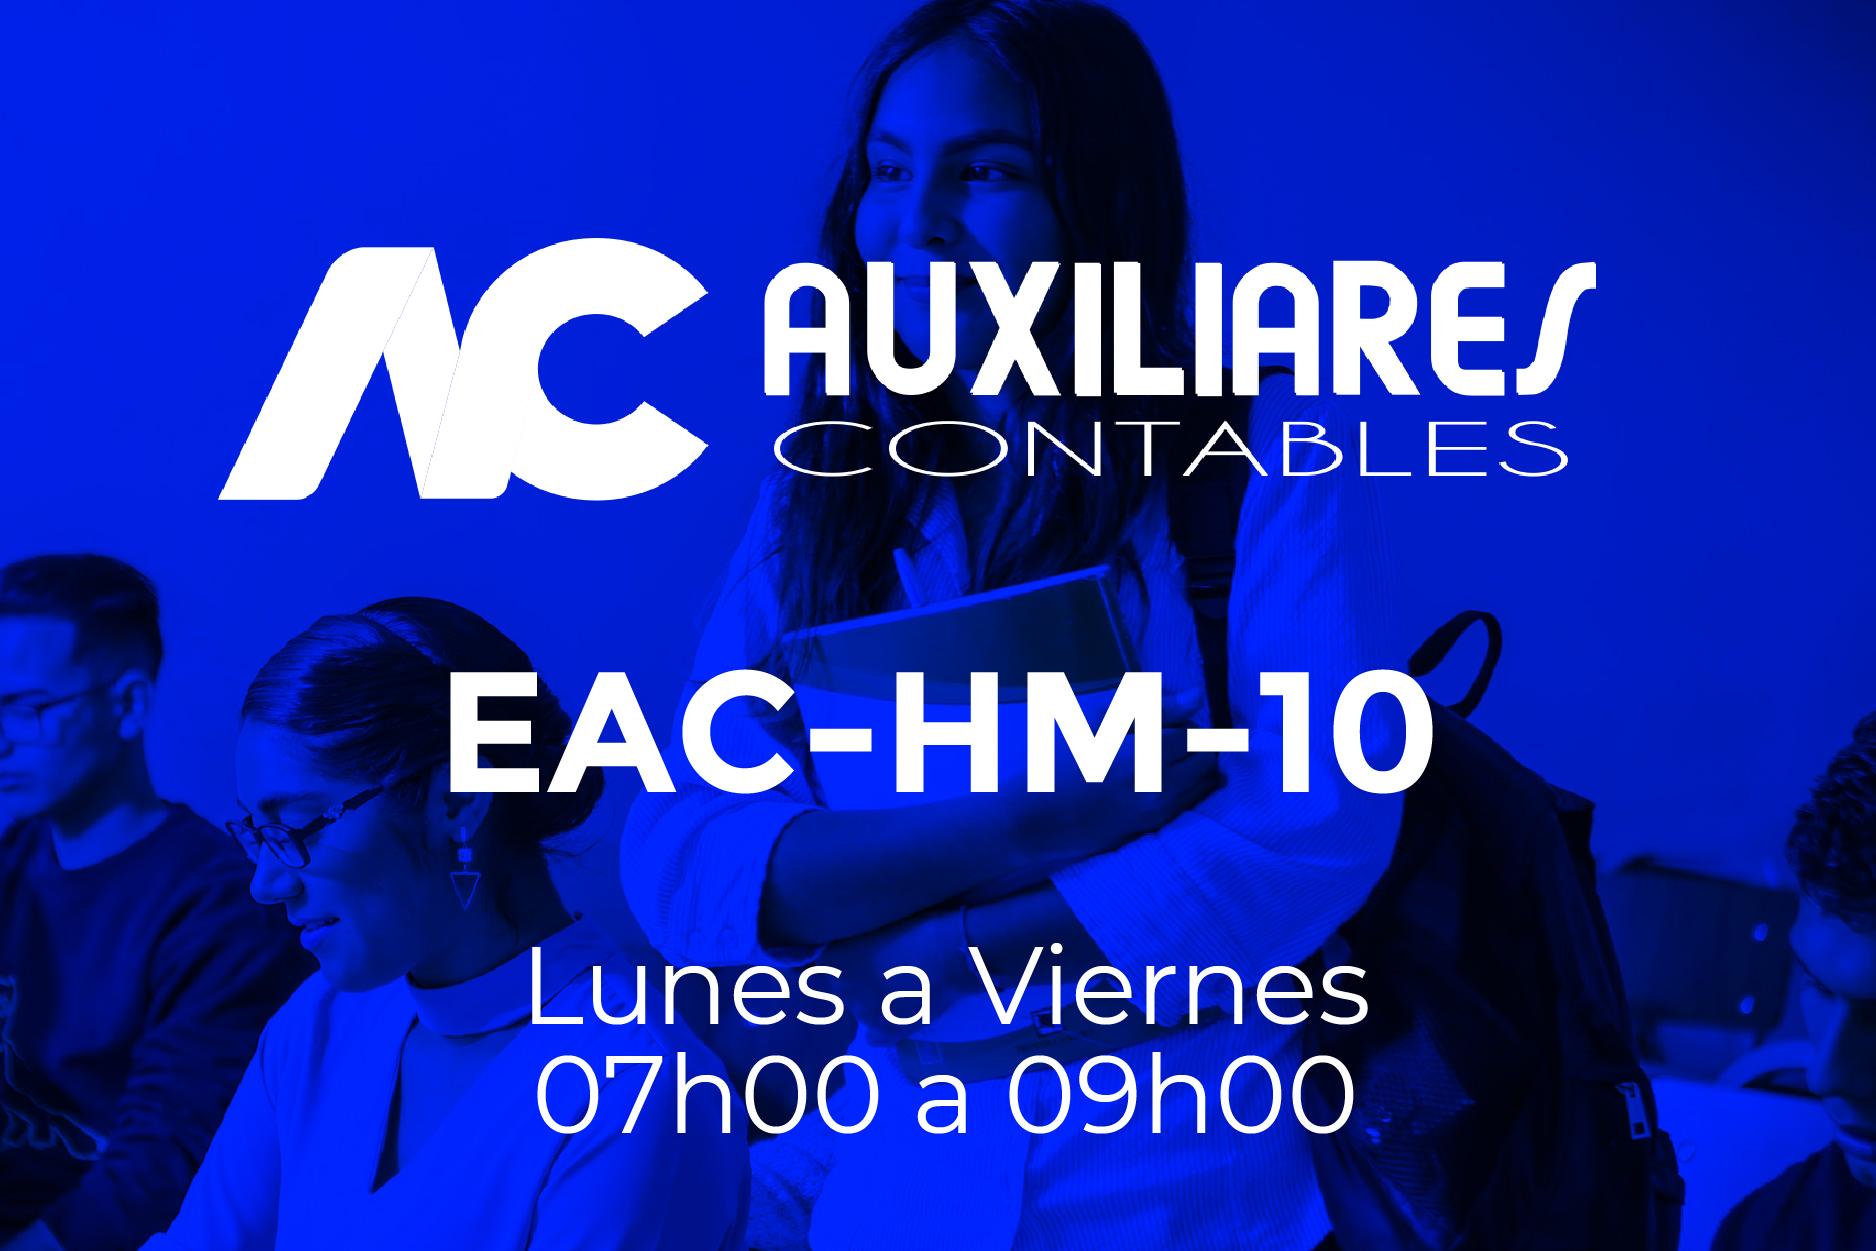 10 - AUXILIARES CONTABLES - LUNES A VIERNES - 07:00 A 09:00